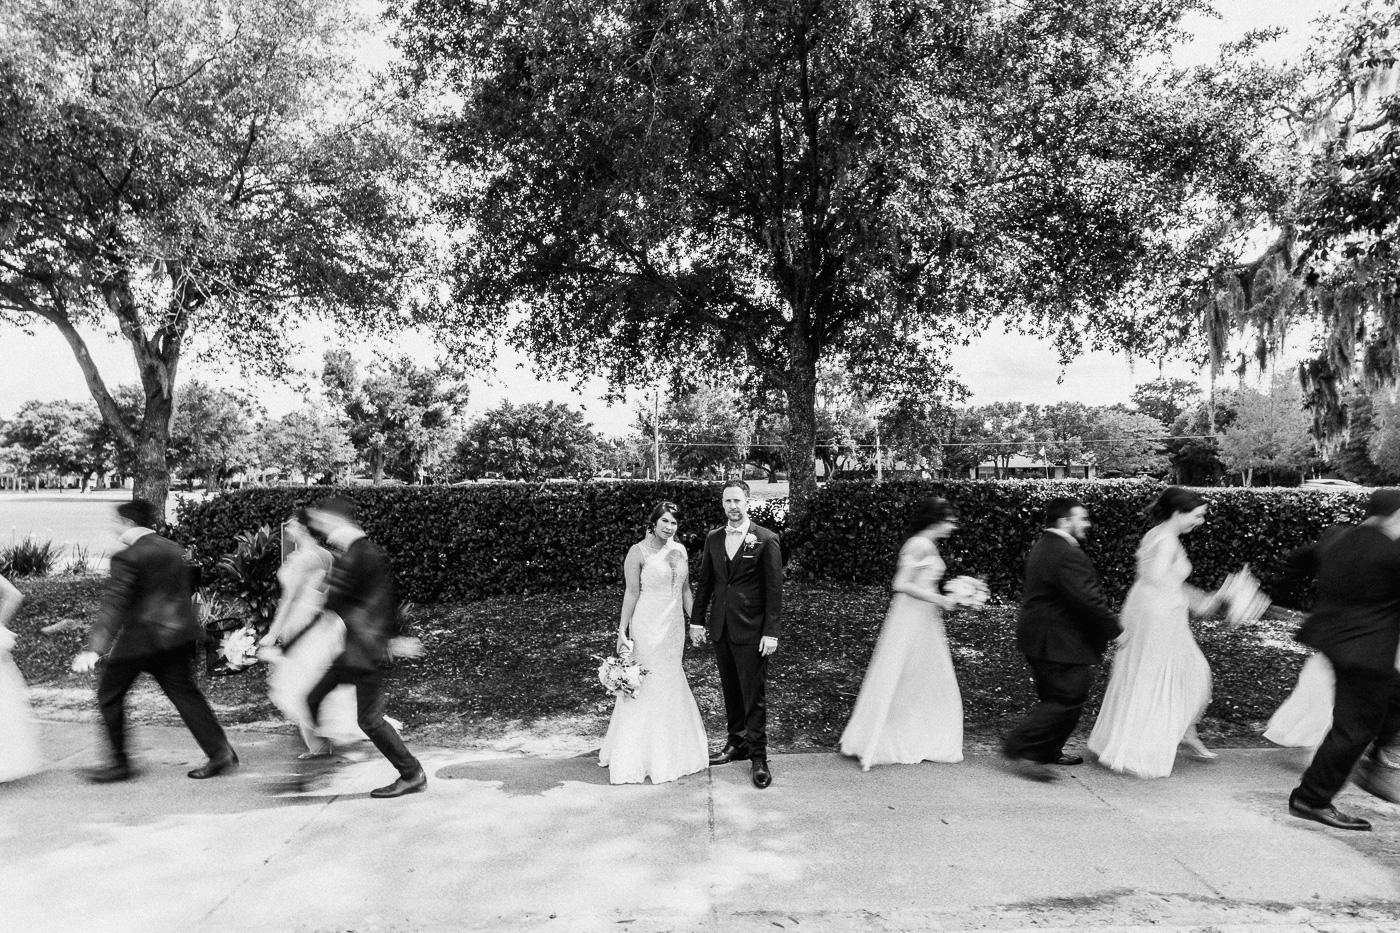 creative-bridal-party-photos-1.jpg